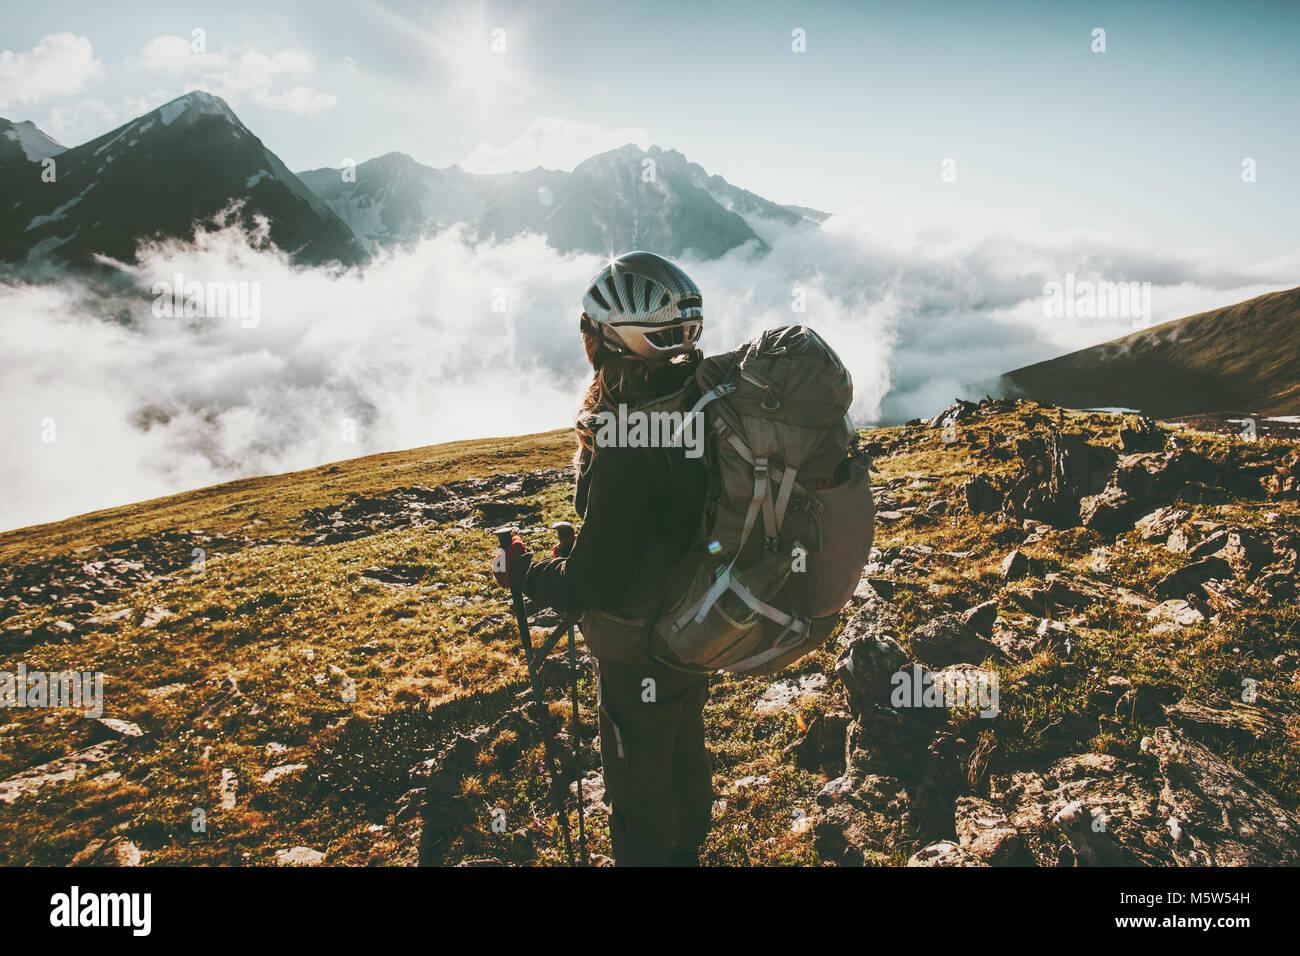 Donna traveler con zaino trekking in montagna Viaggi avventura di uno stile di vita attivo concetto vacanze estive Immagini Stock